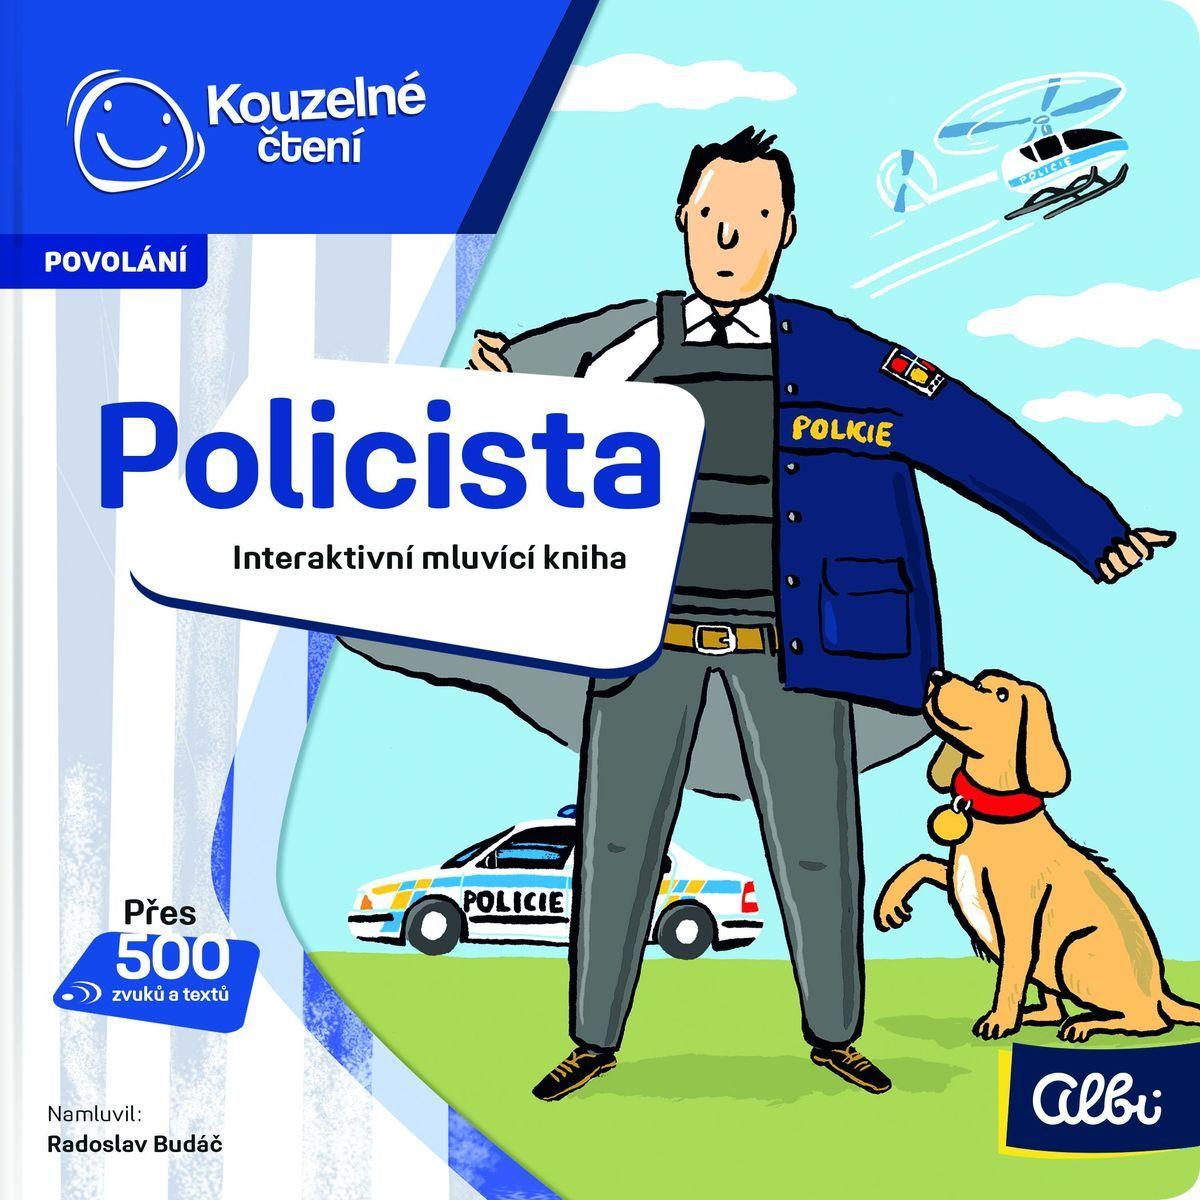 Albi Kouzelné čtení Minikniha povolání - Policista